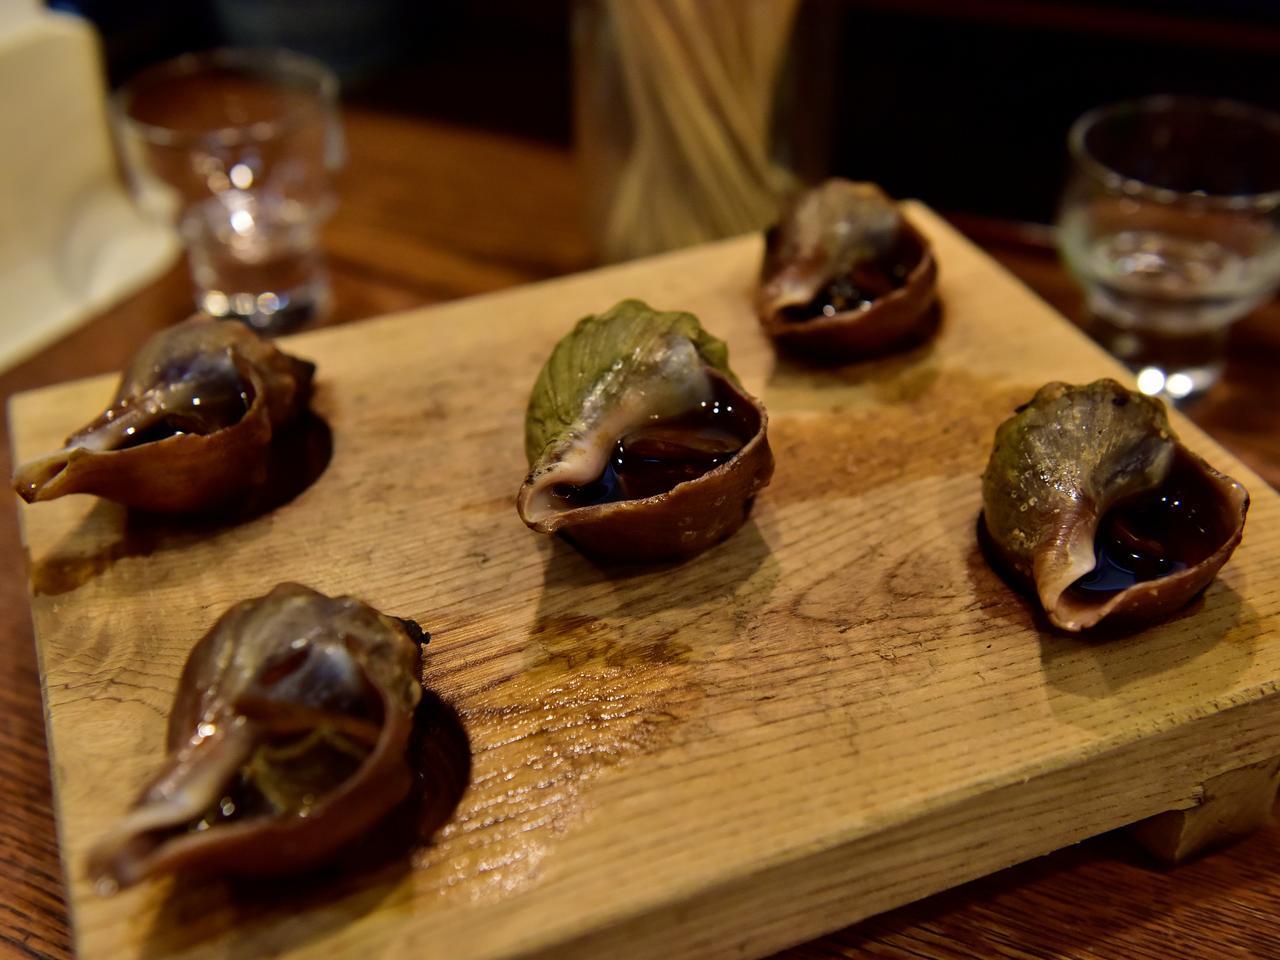 画像: 釧路ナイトの締めのラーメンに入れてもよし、そのまま食べてもよし。つぶ貝をトッピング